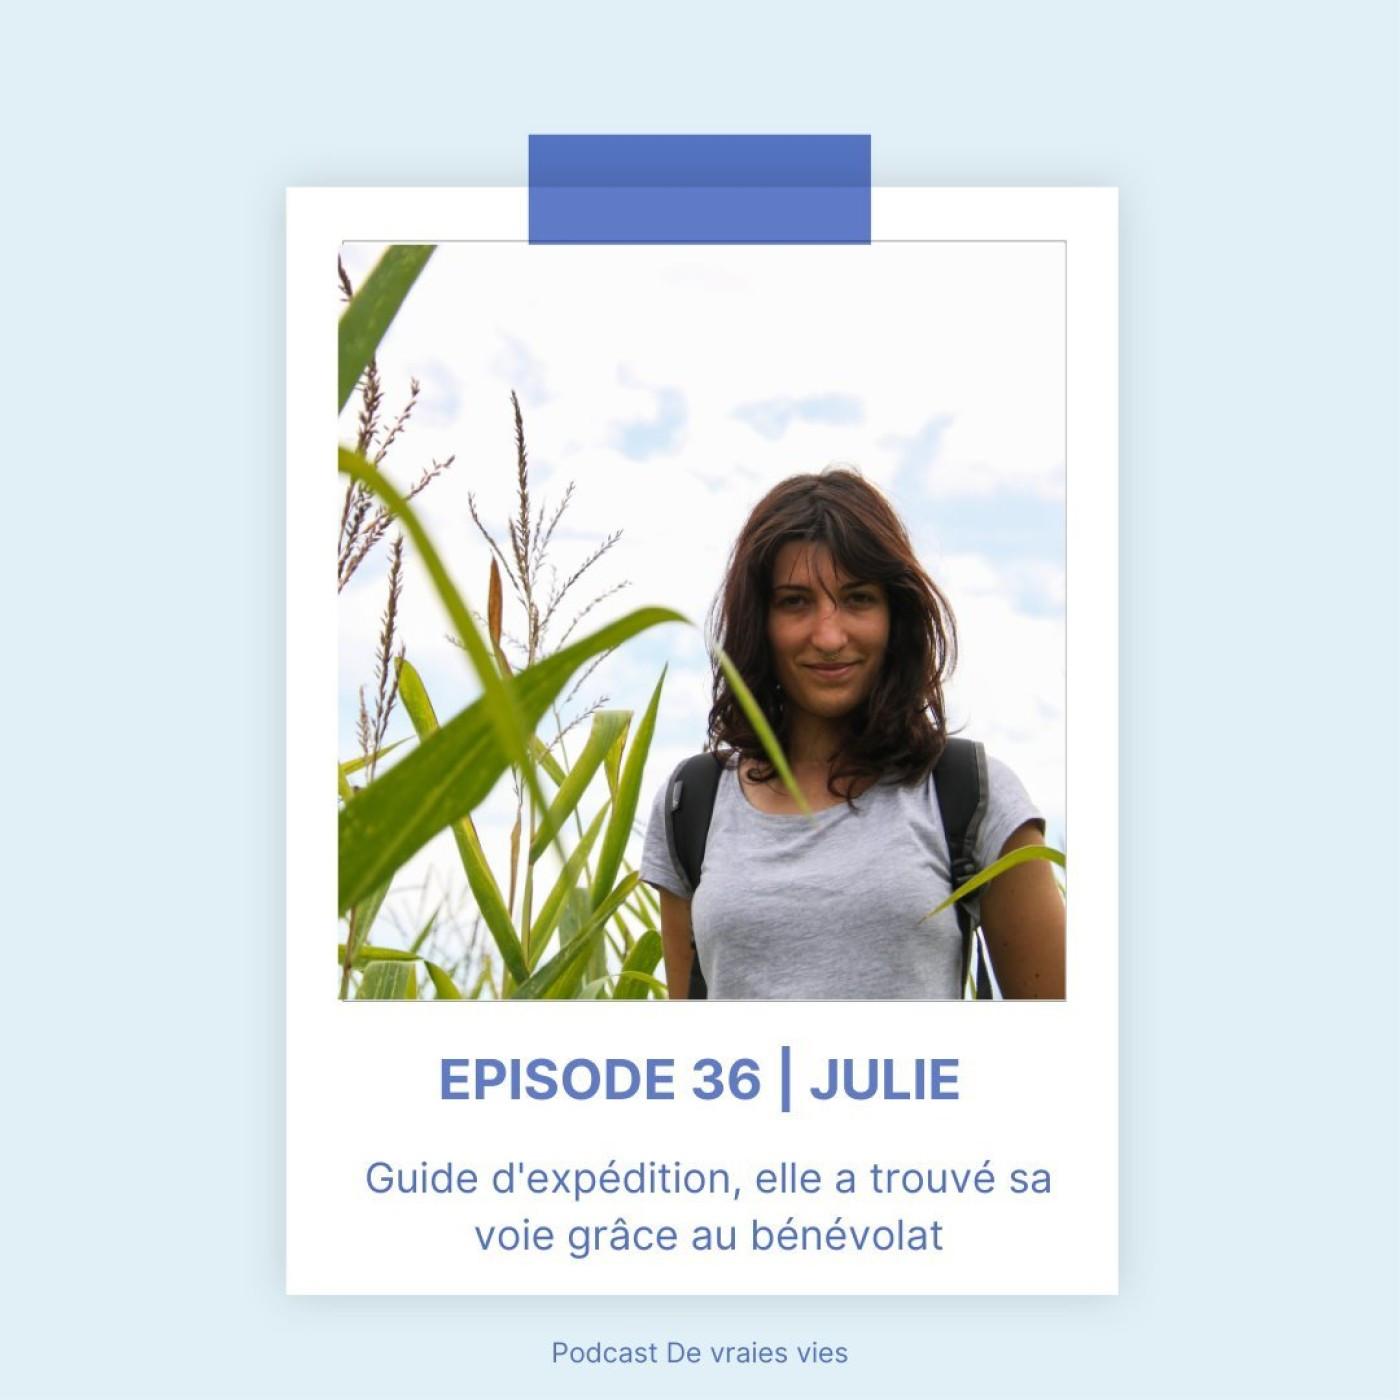 Julie | Guide d'expédition, elle a trouvé sa voie grâce au bénévolat !